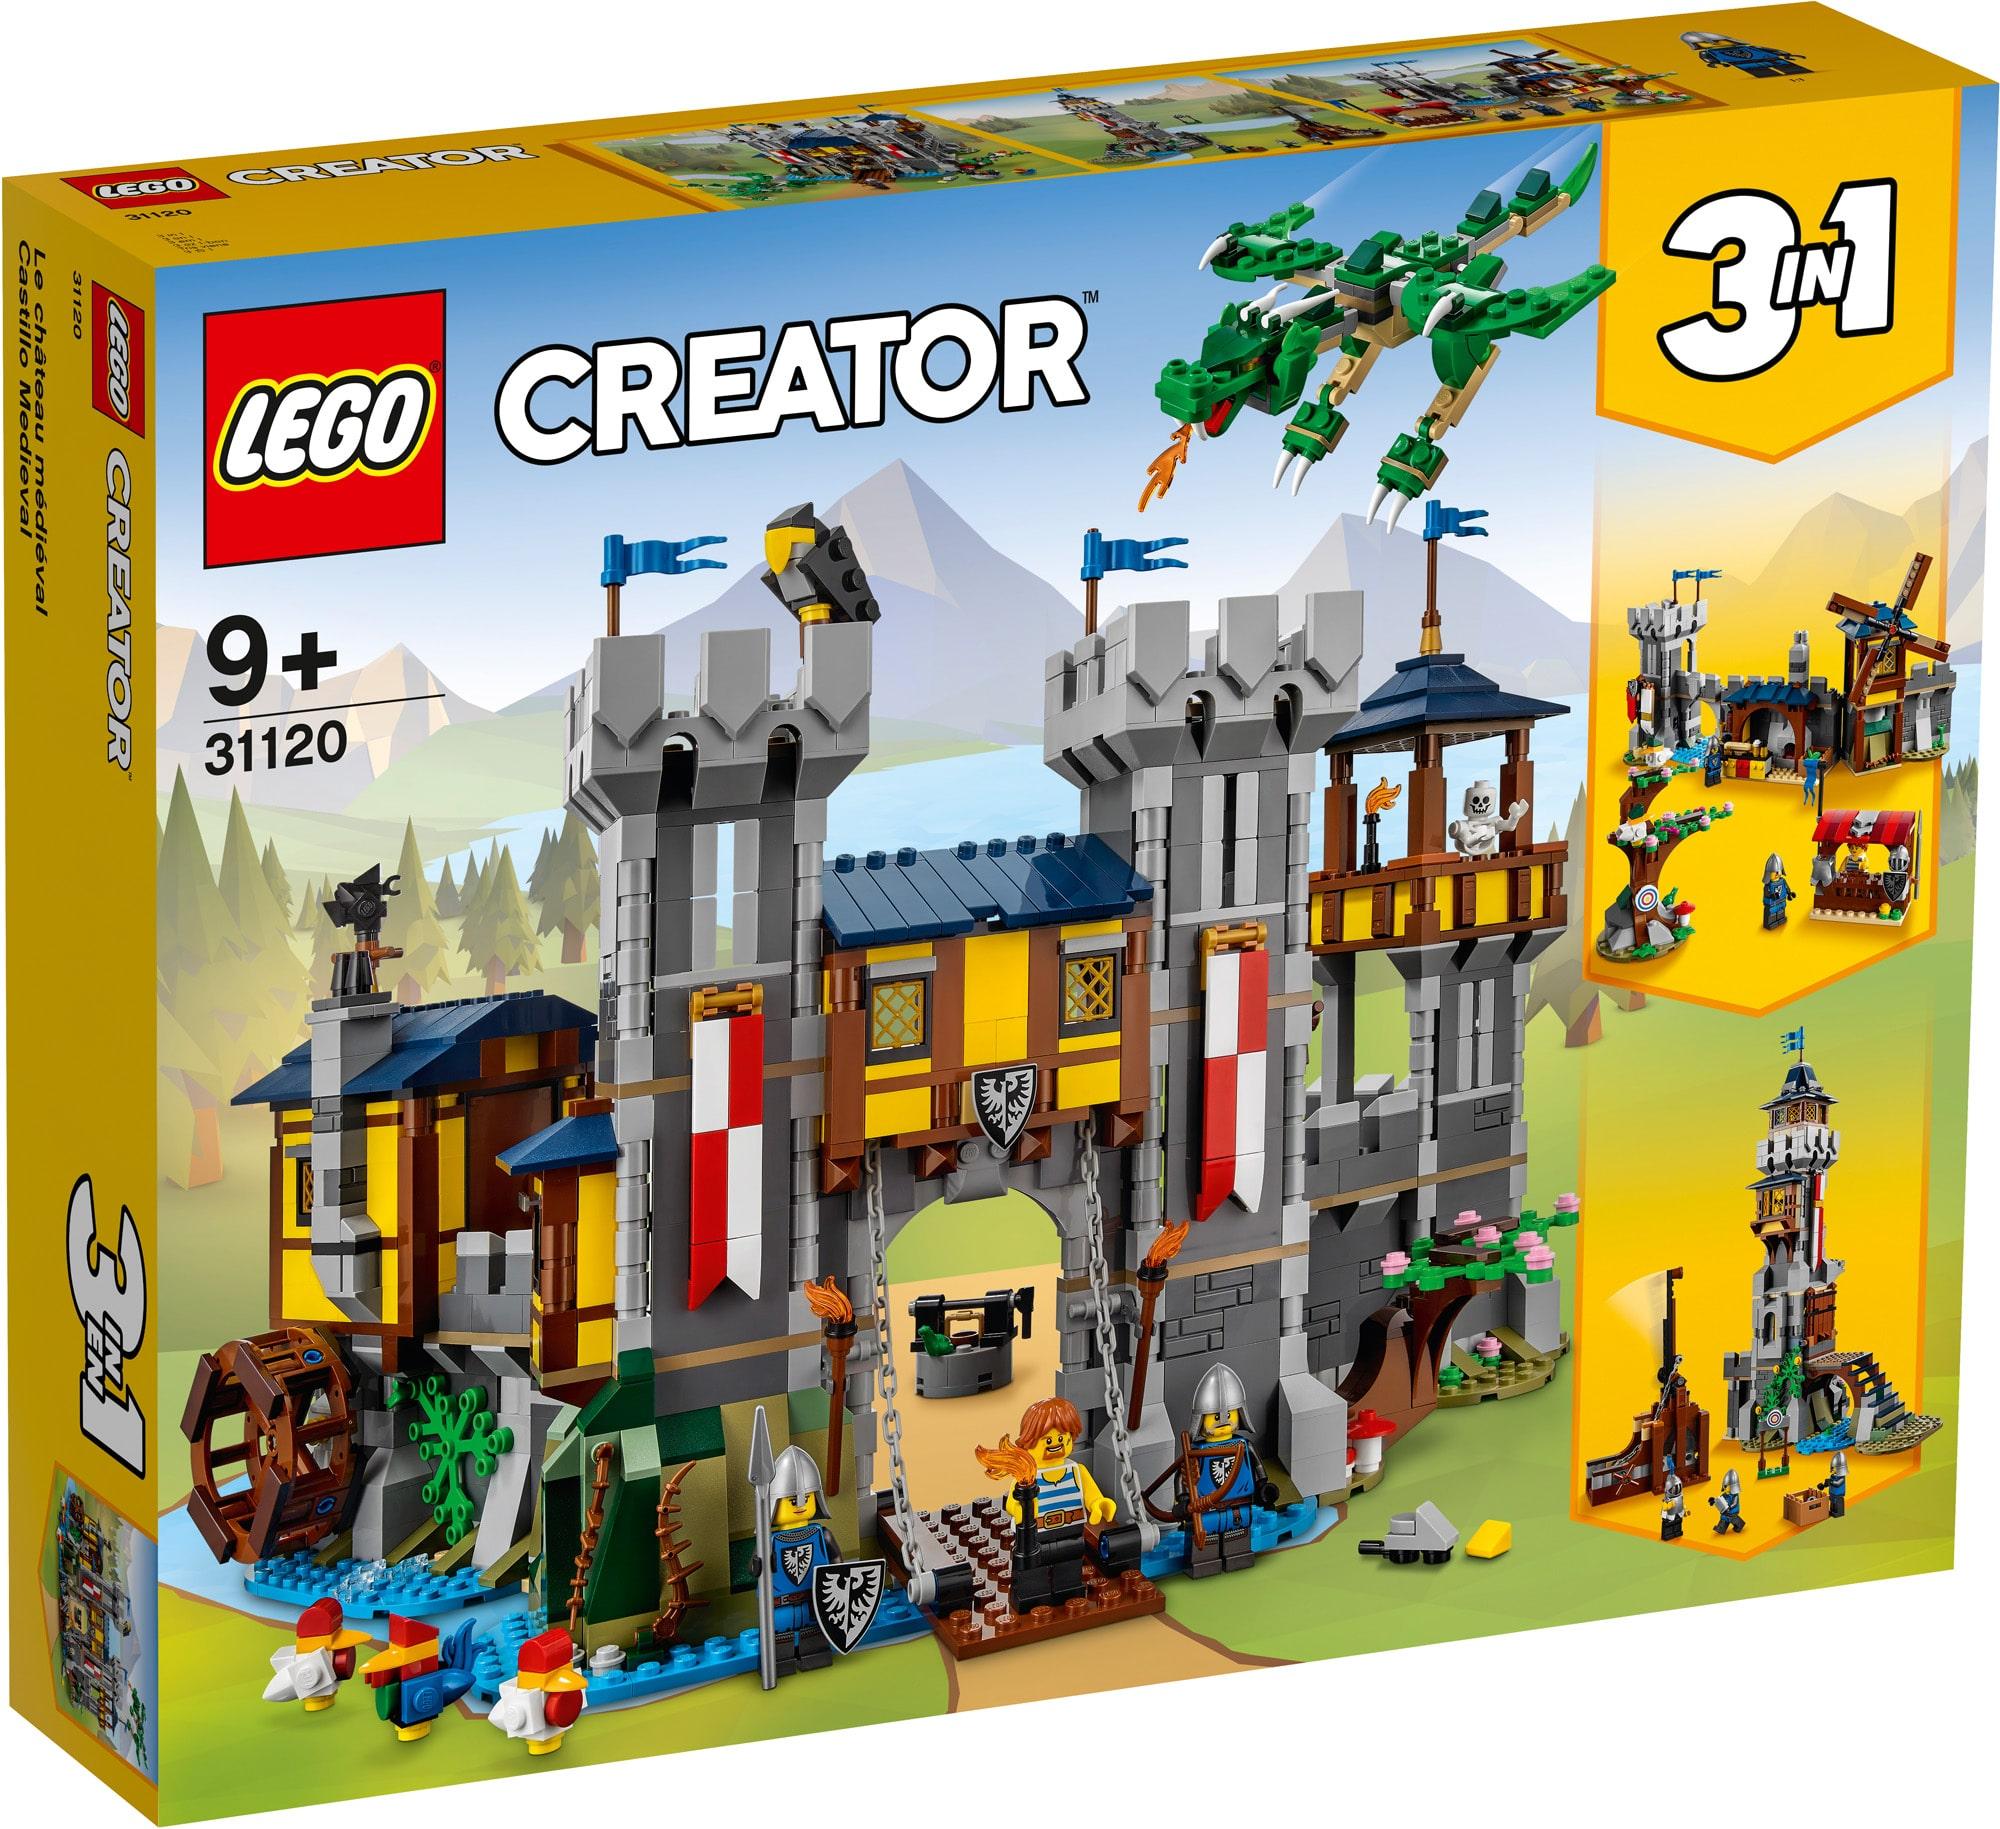 LEGO Creator 31120 Mittelalterliche Burg 4